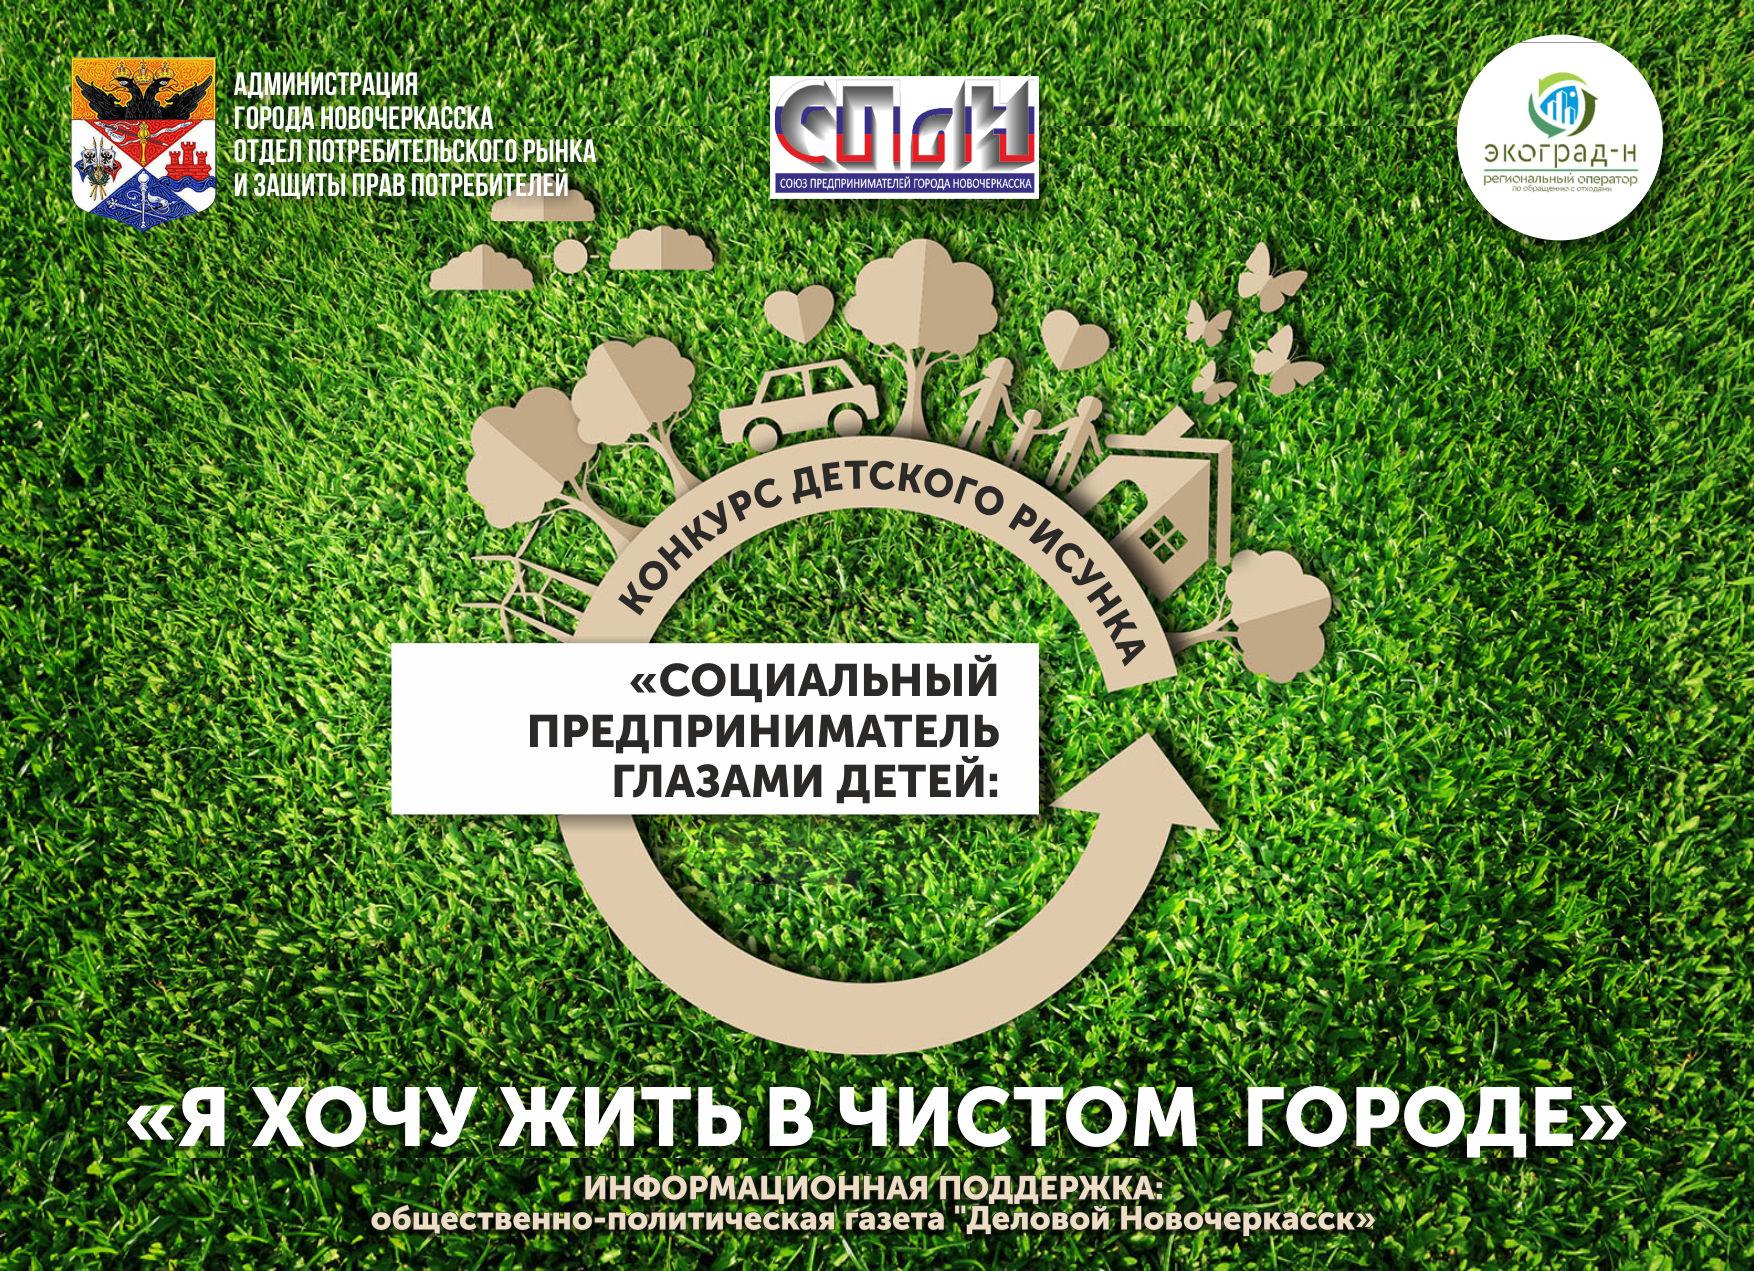 Конкурс детского рисунка «Я хочу жить в чистом городе» проводится в казачьей столице